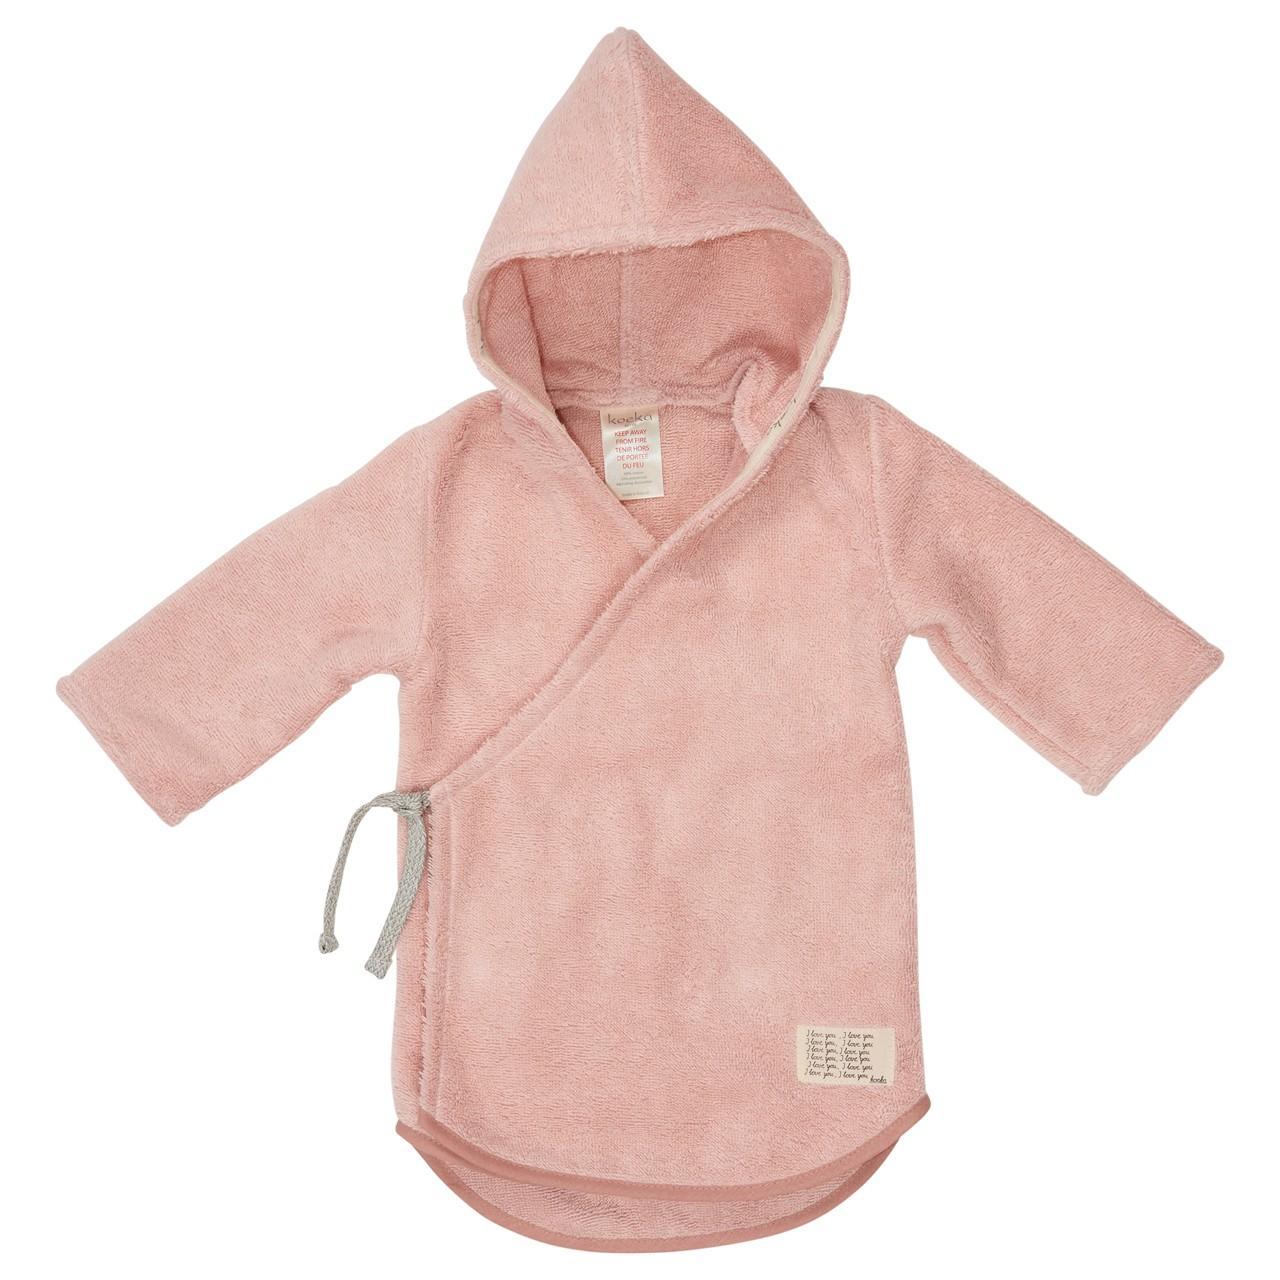 Koeka - Baby Badjas Dijon Organic - Shadow Pink - 62/68